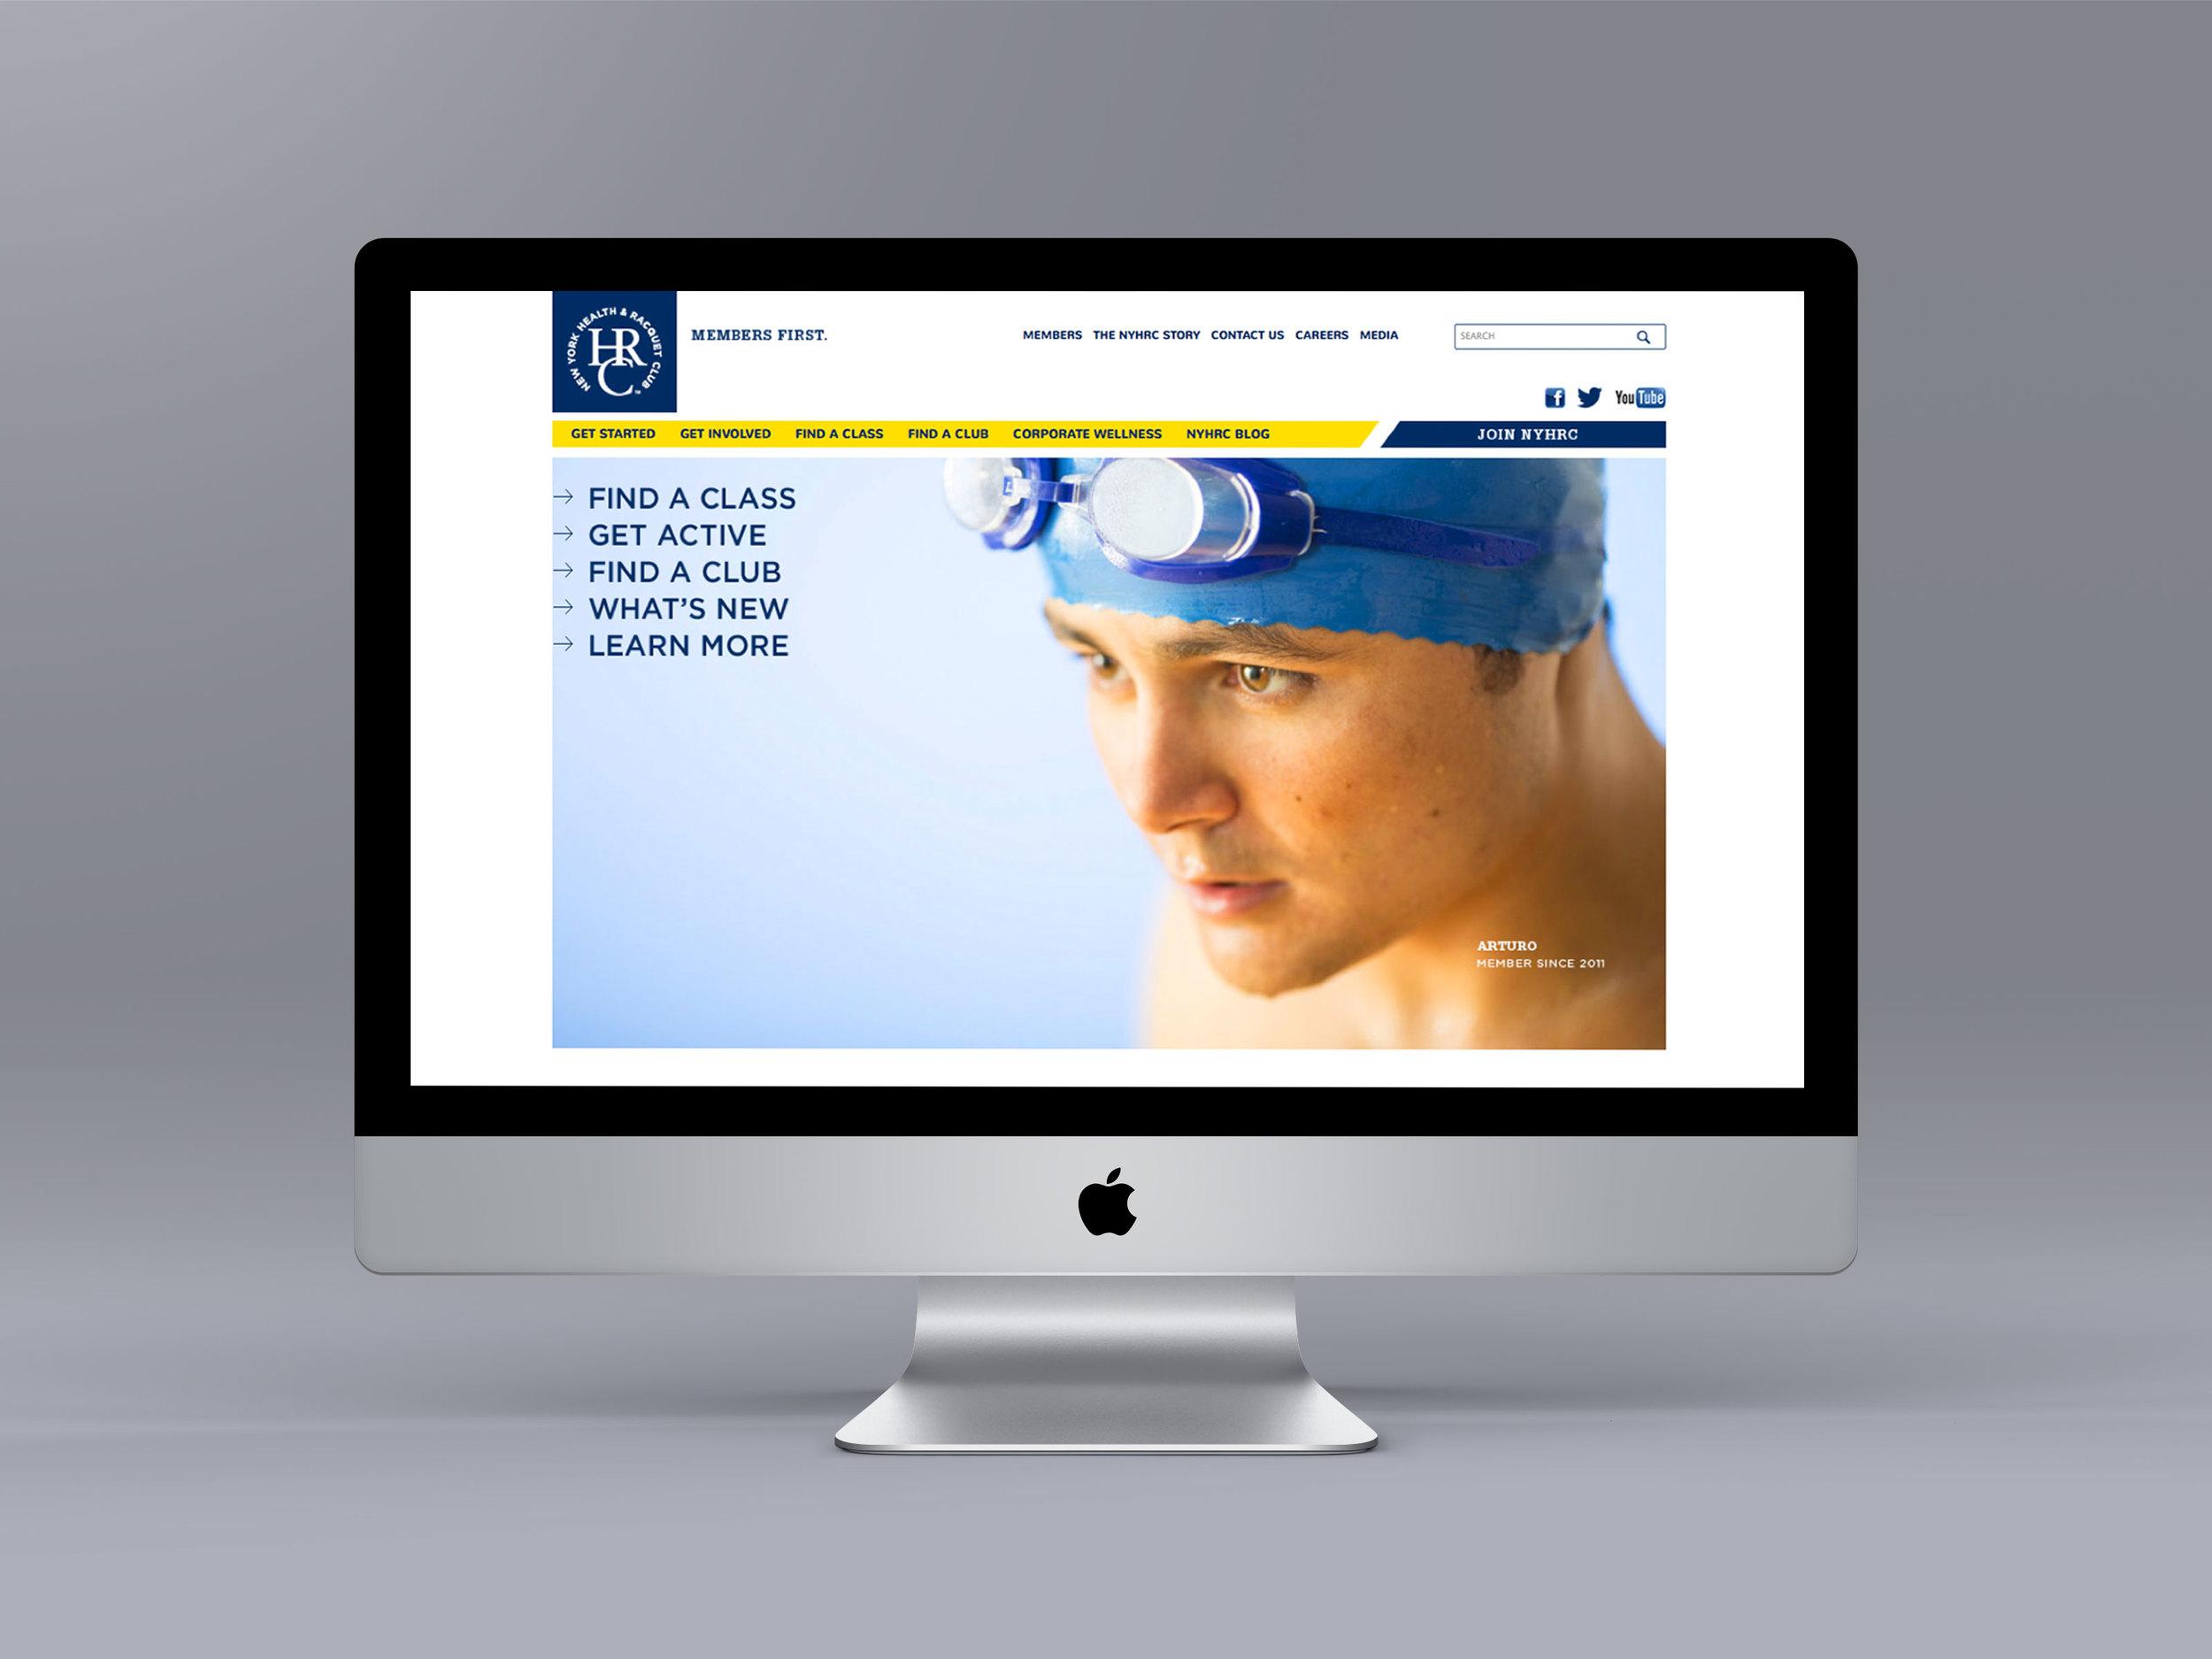 NYHRC_Website_Display001.jpg